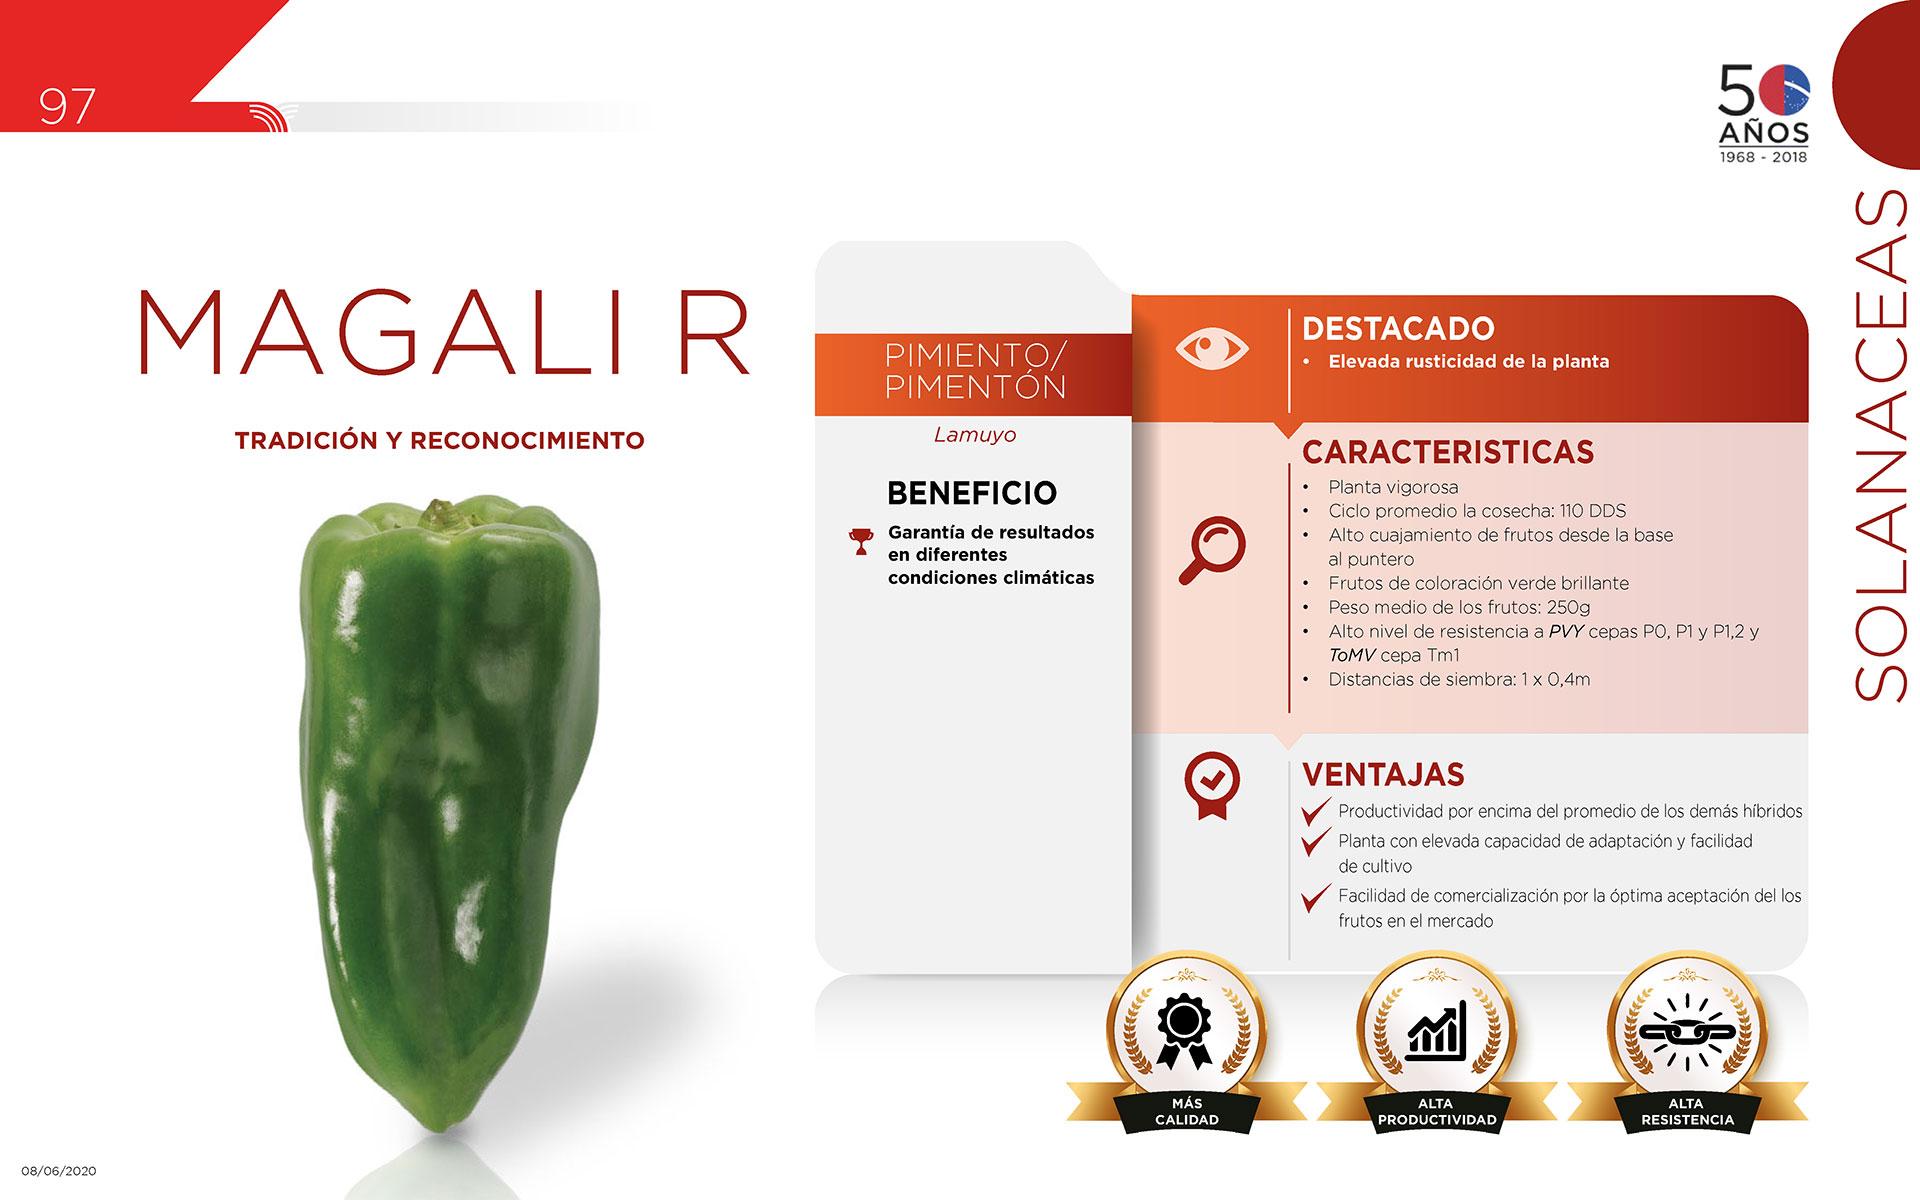 Magali R - Solanaceas